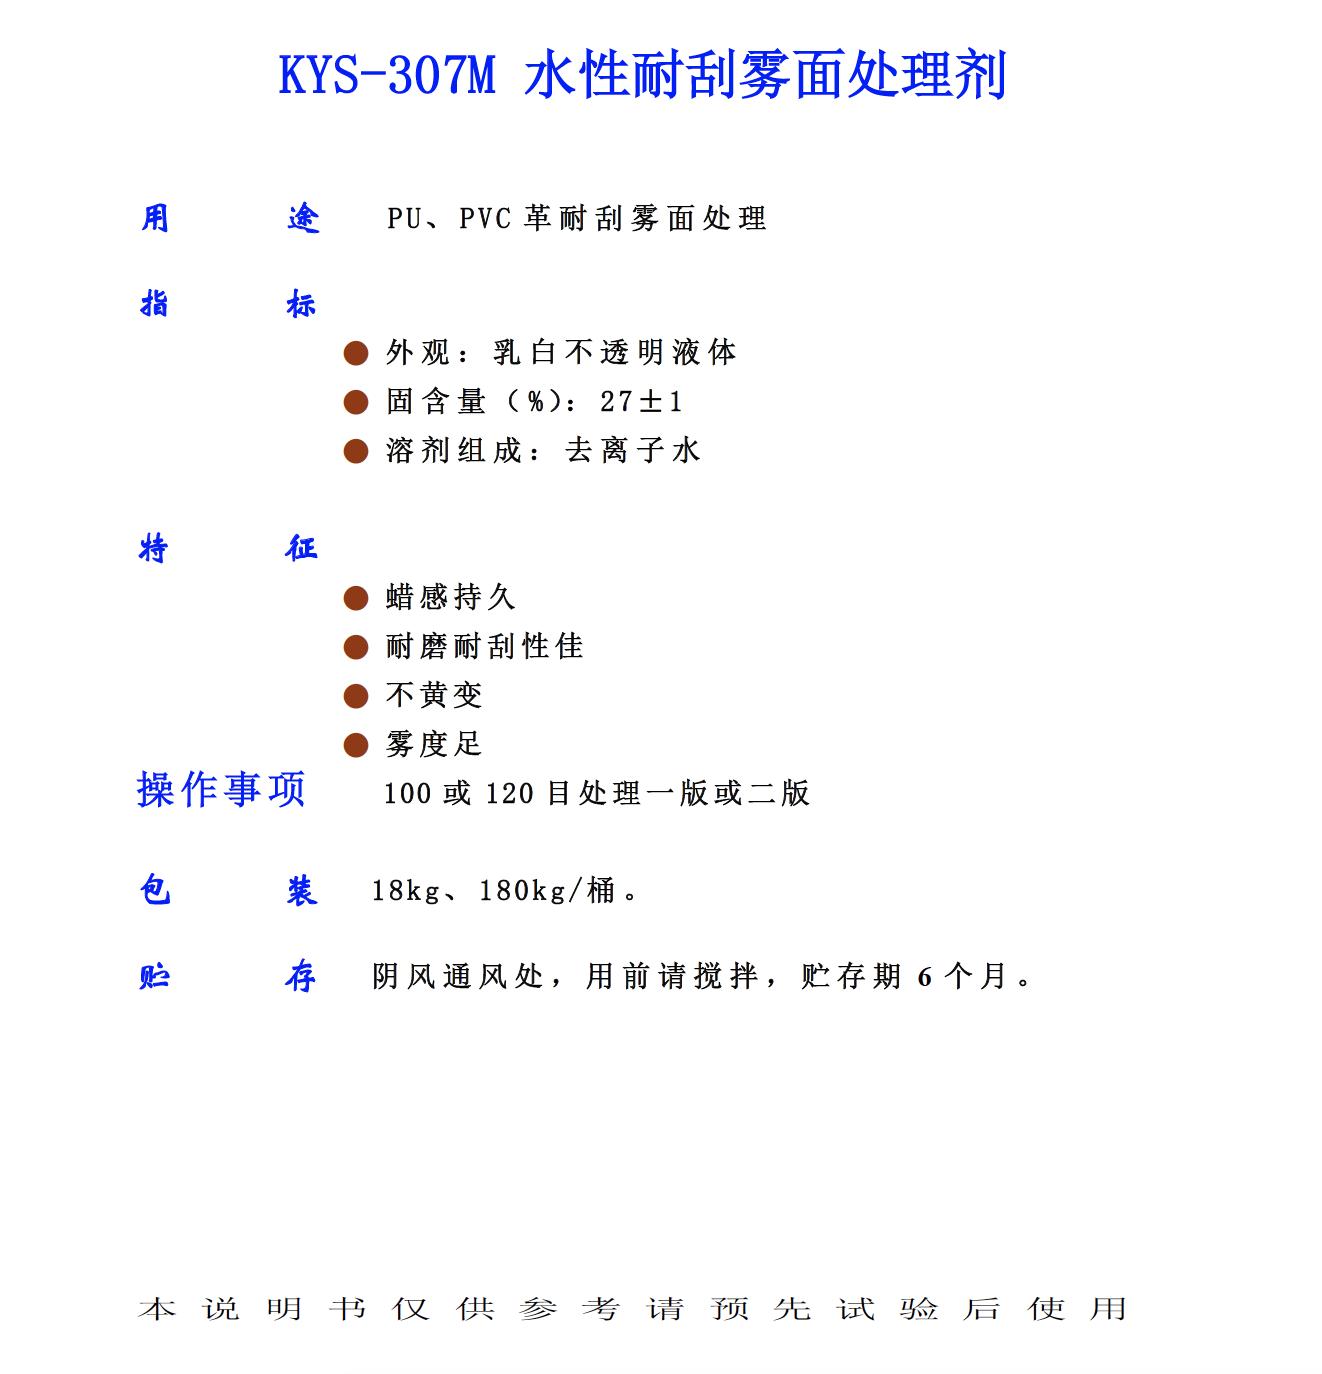 KYS 307M 水性耐刮雾面处理剂